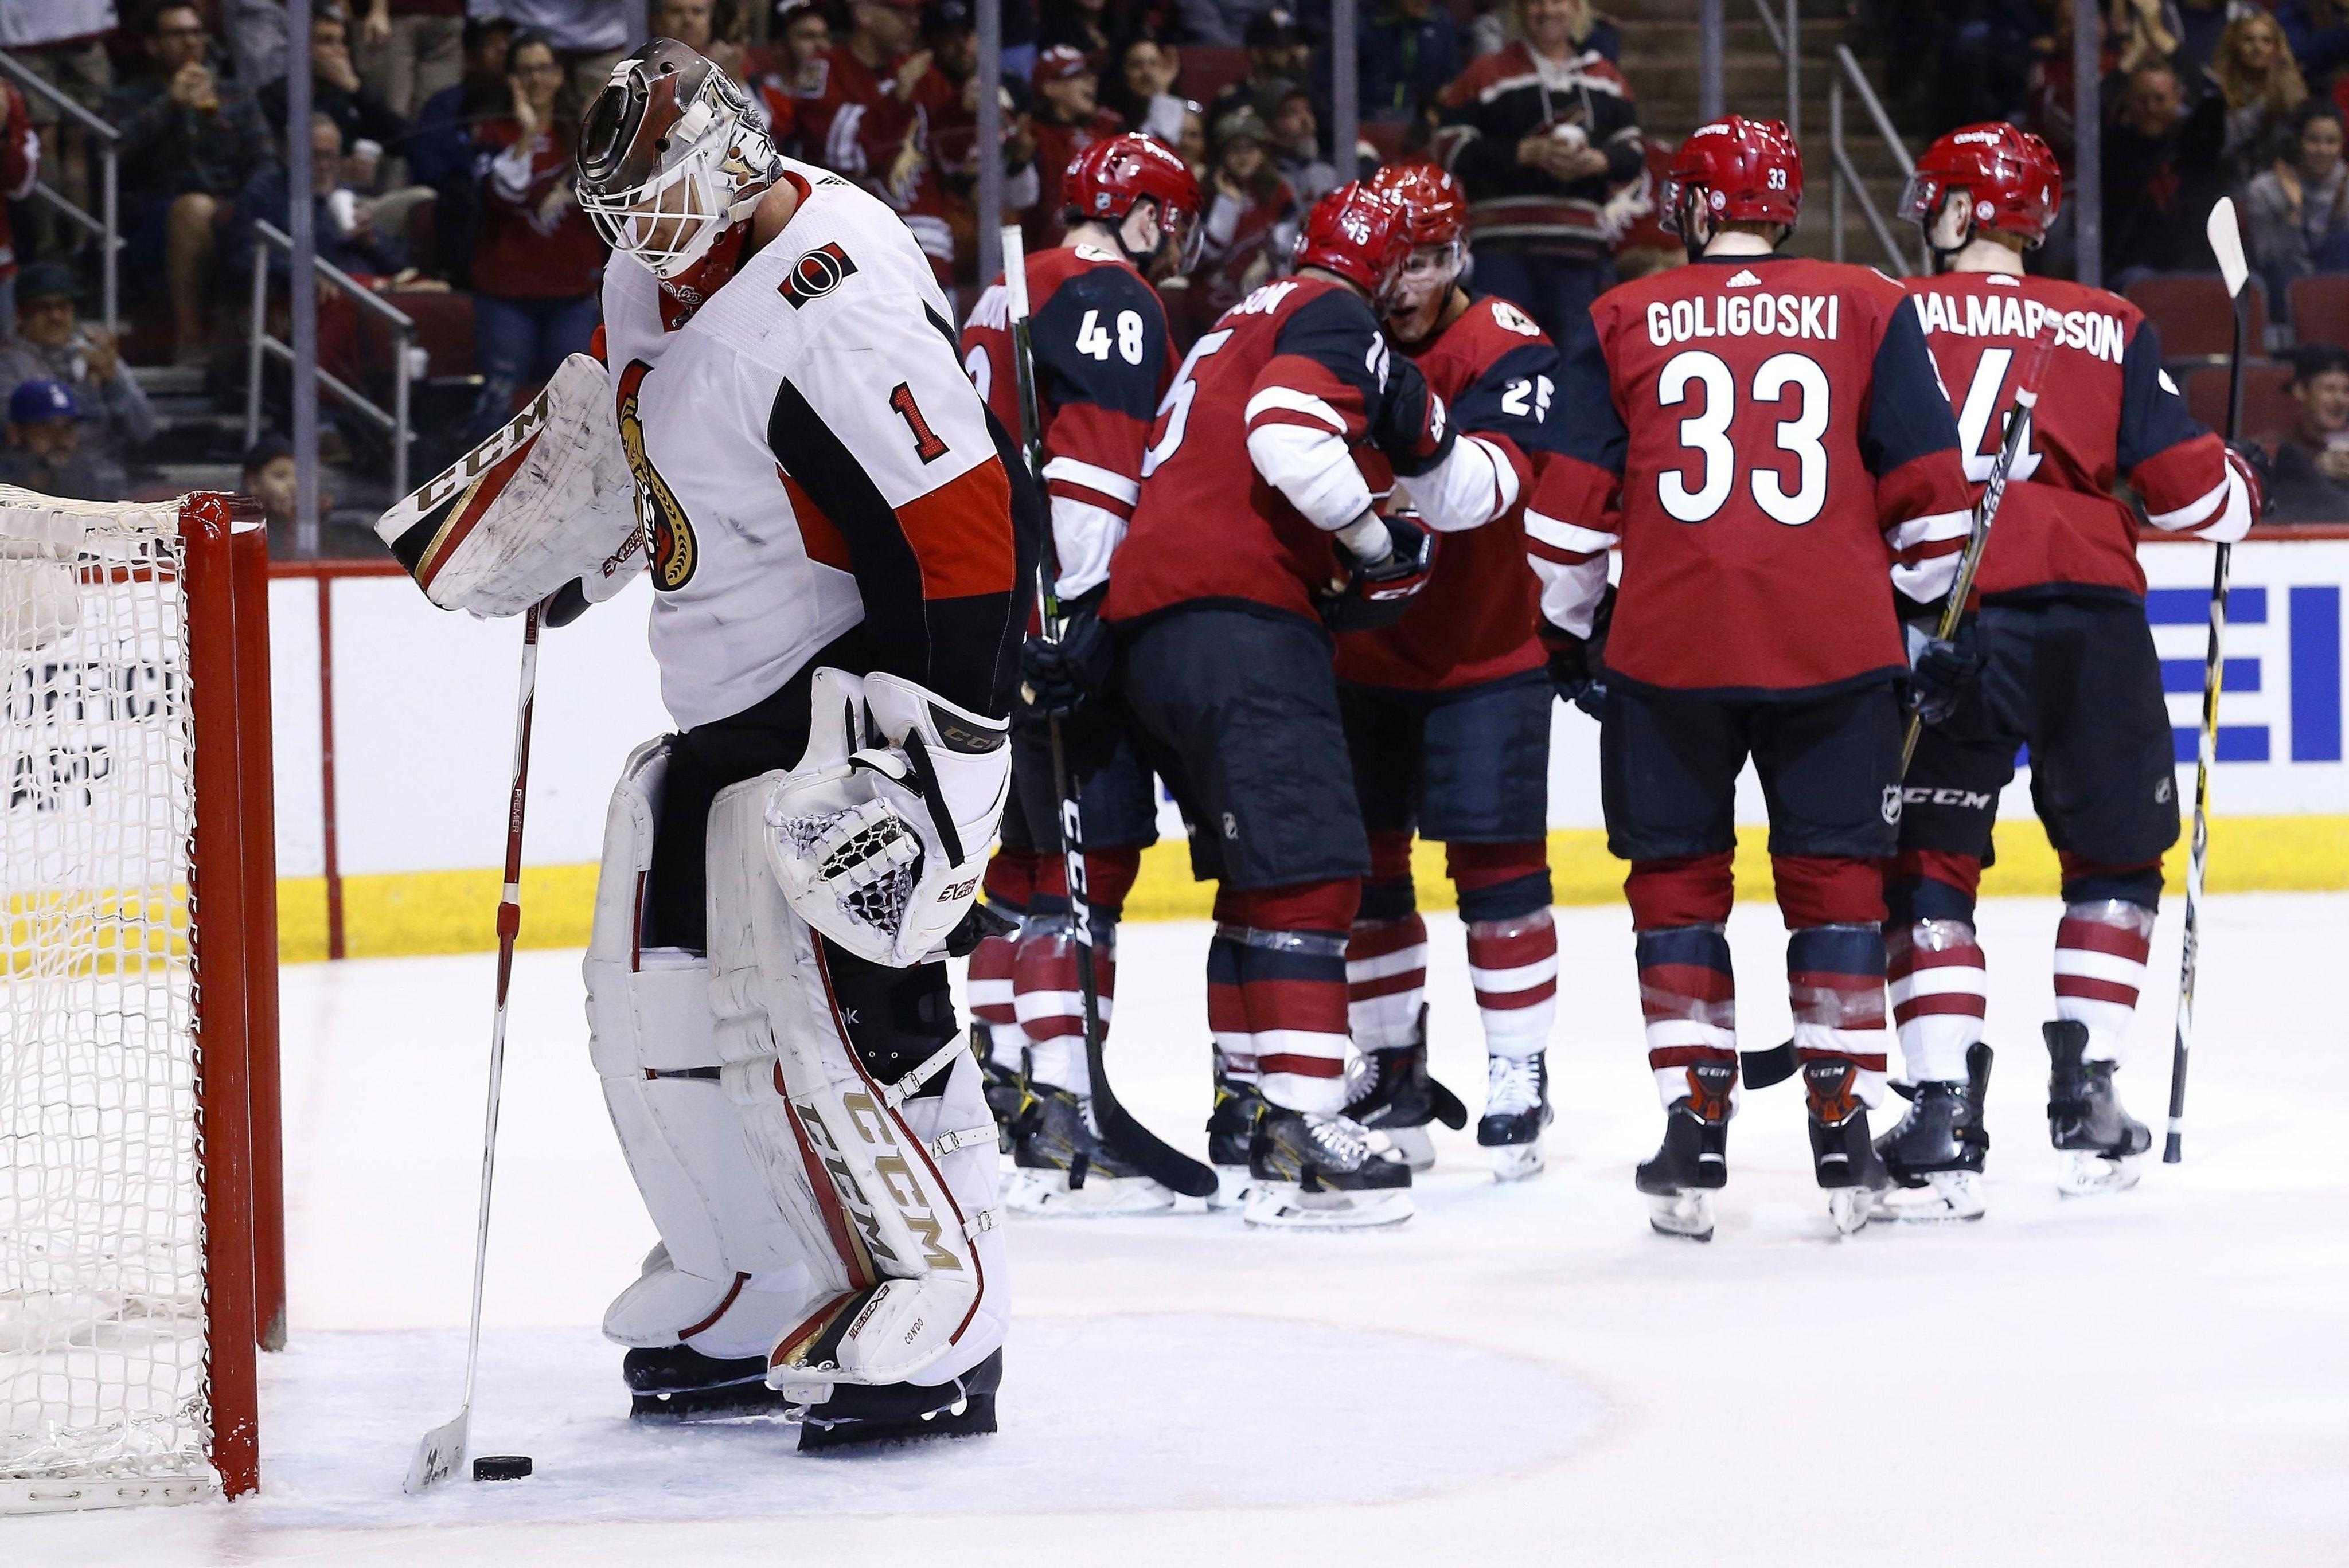 Senators_coyotes_hockey_66413_s4096x2735